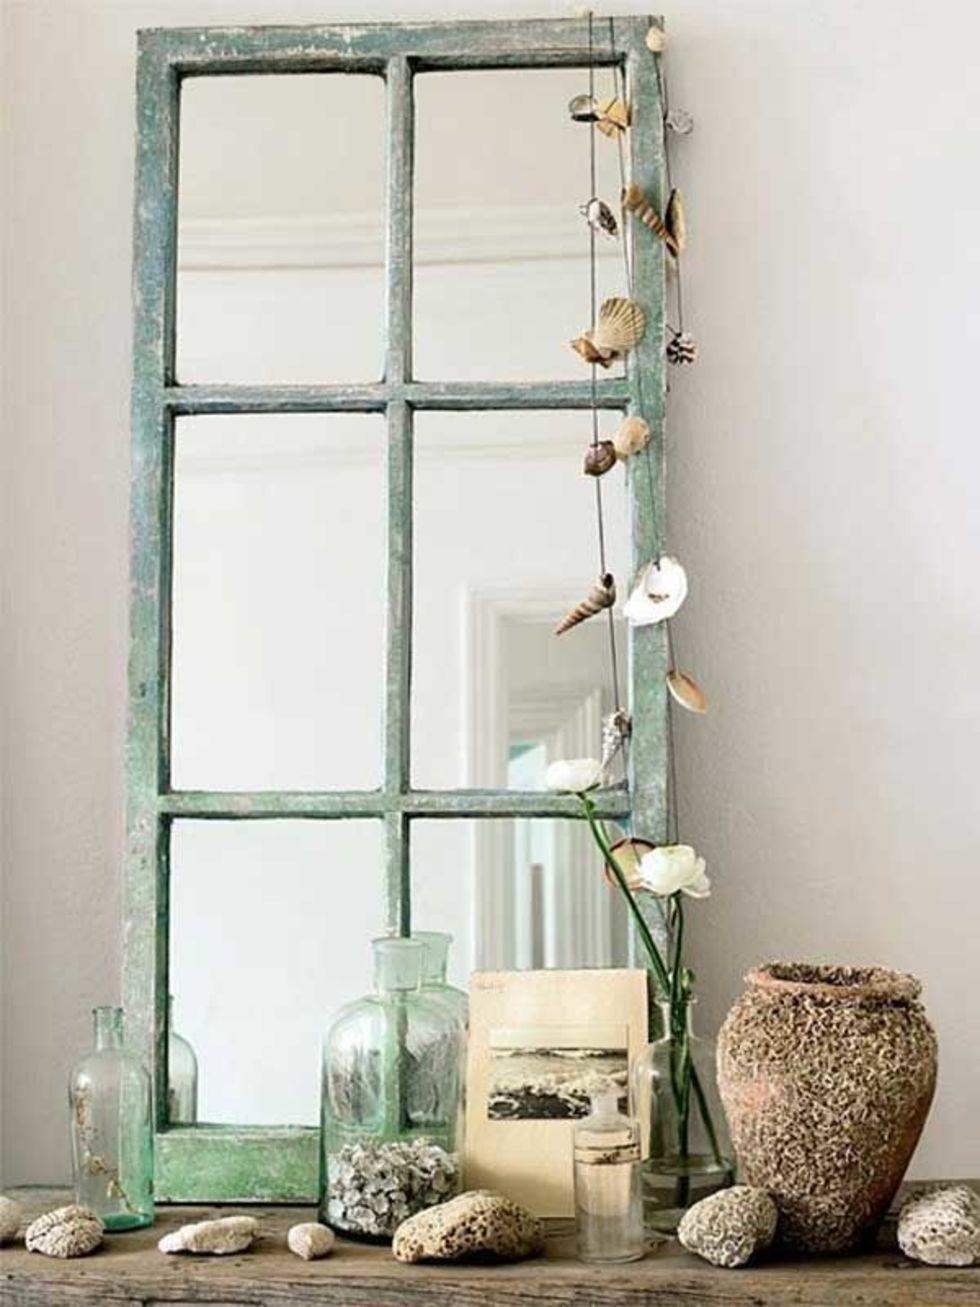 Как восстановить разбитое зеркало. вдыхаем жизнь в старое зеркало